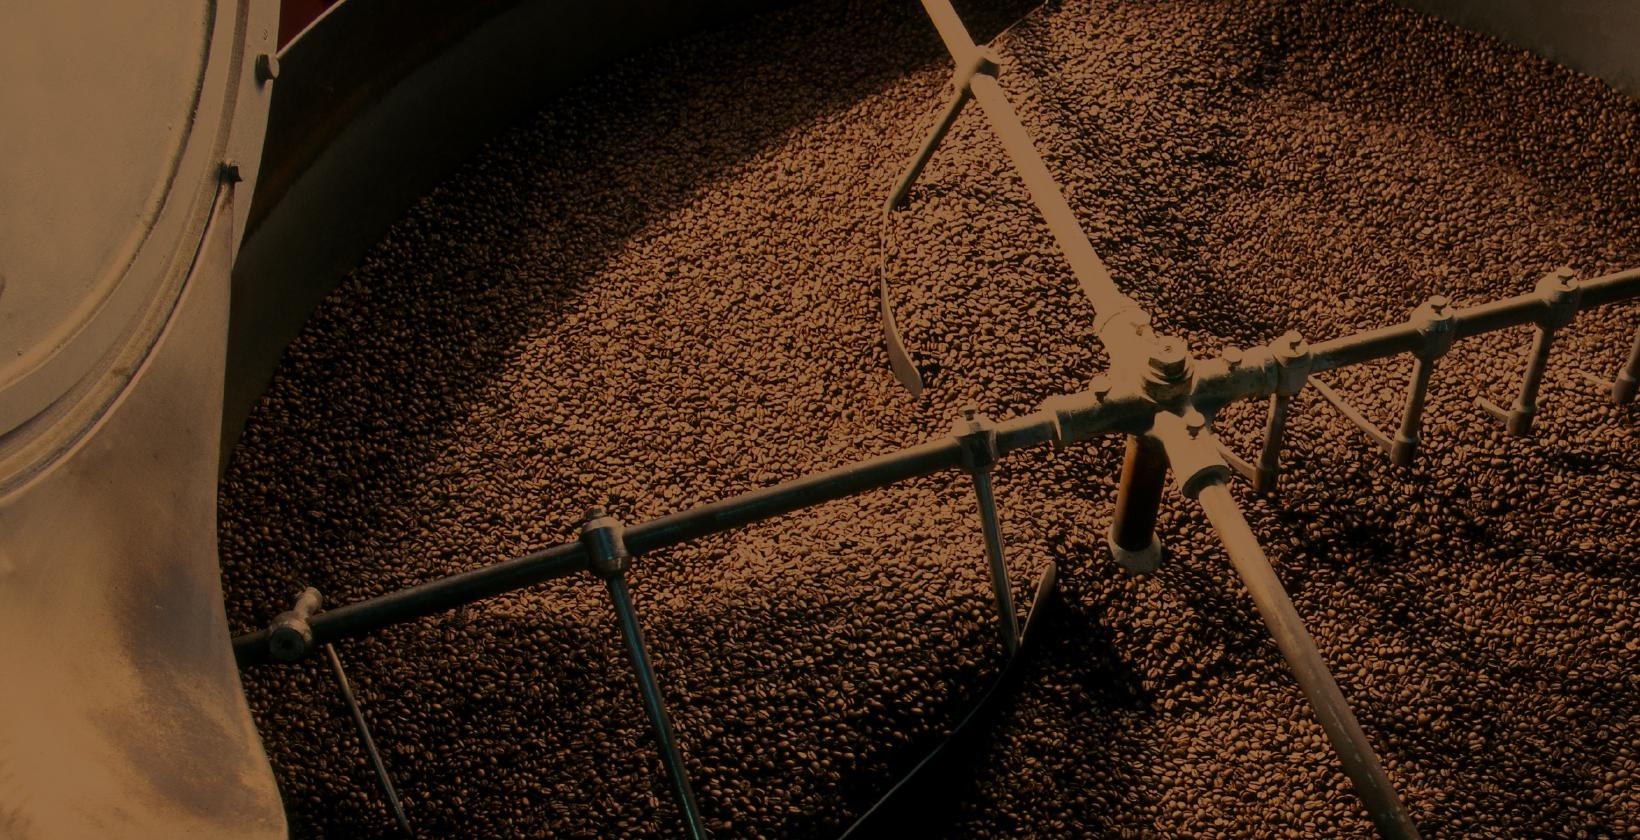 Preparazione delle migliori miscele di caffè